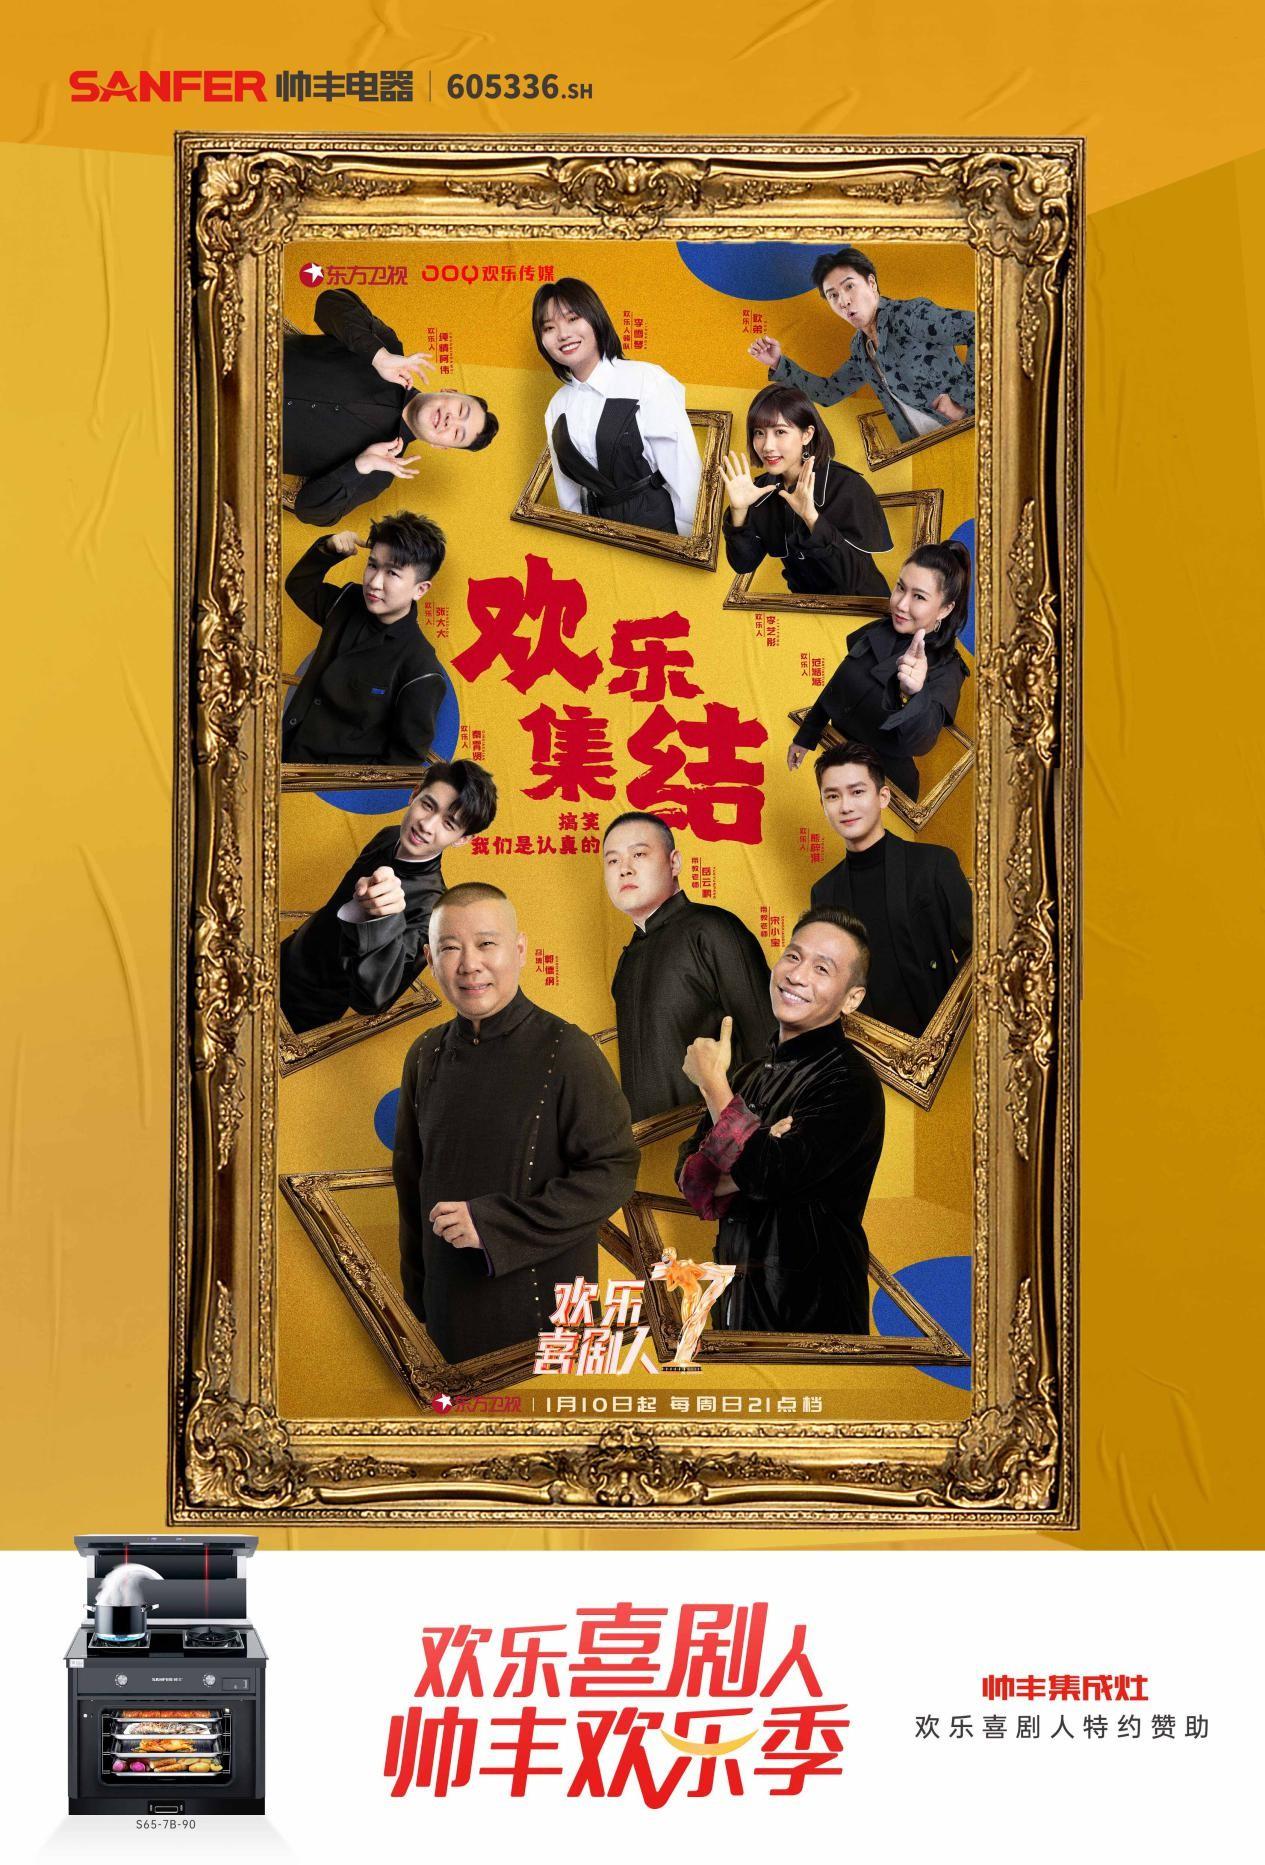 欢乐喜剧人7圆满收官,帅丰集成灶继续为每个家庭奉上快乐与健康